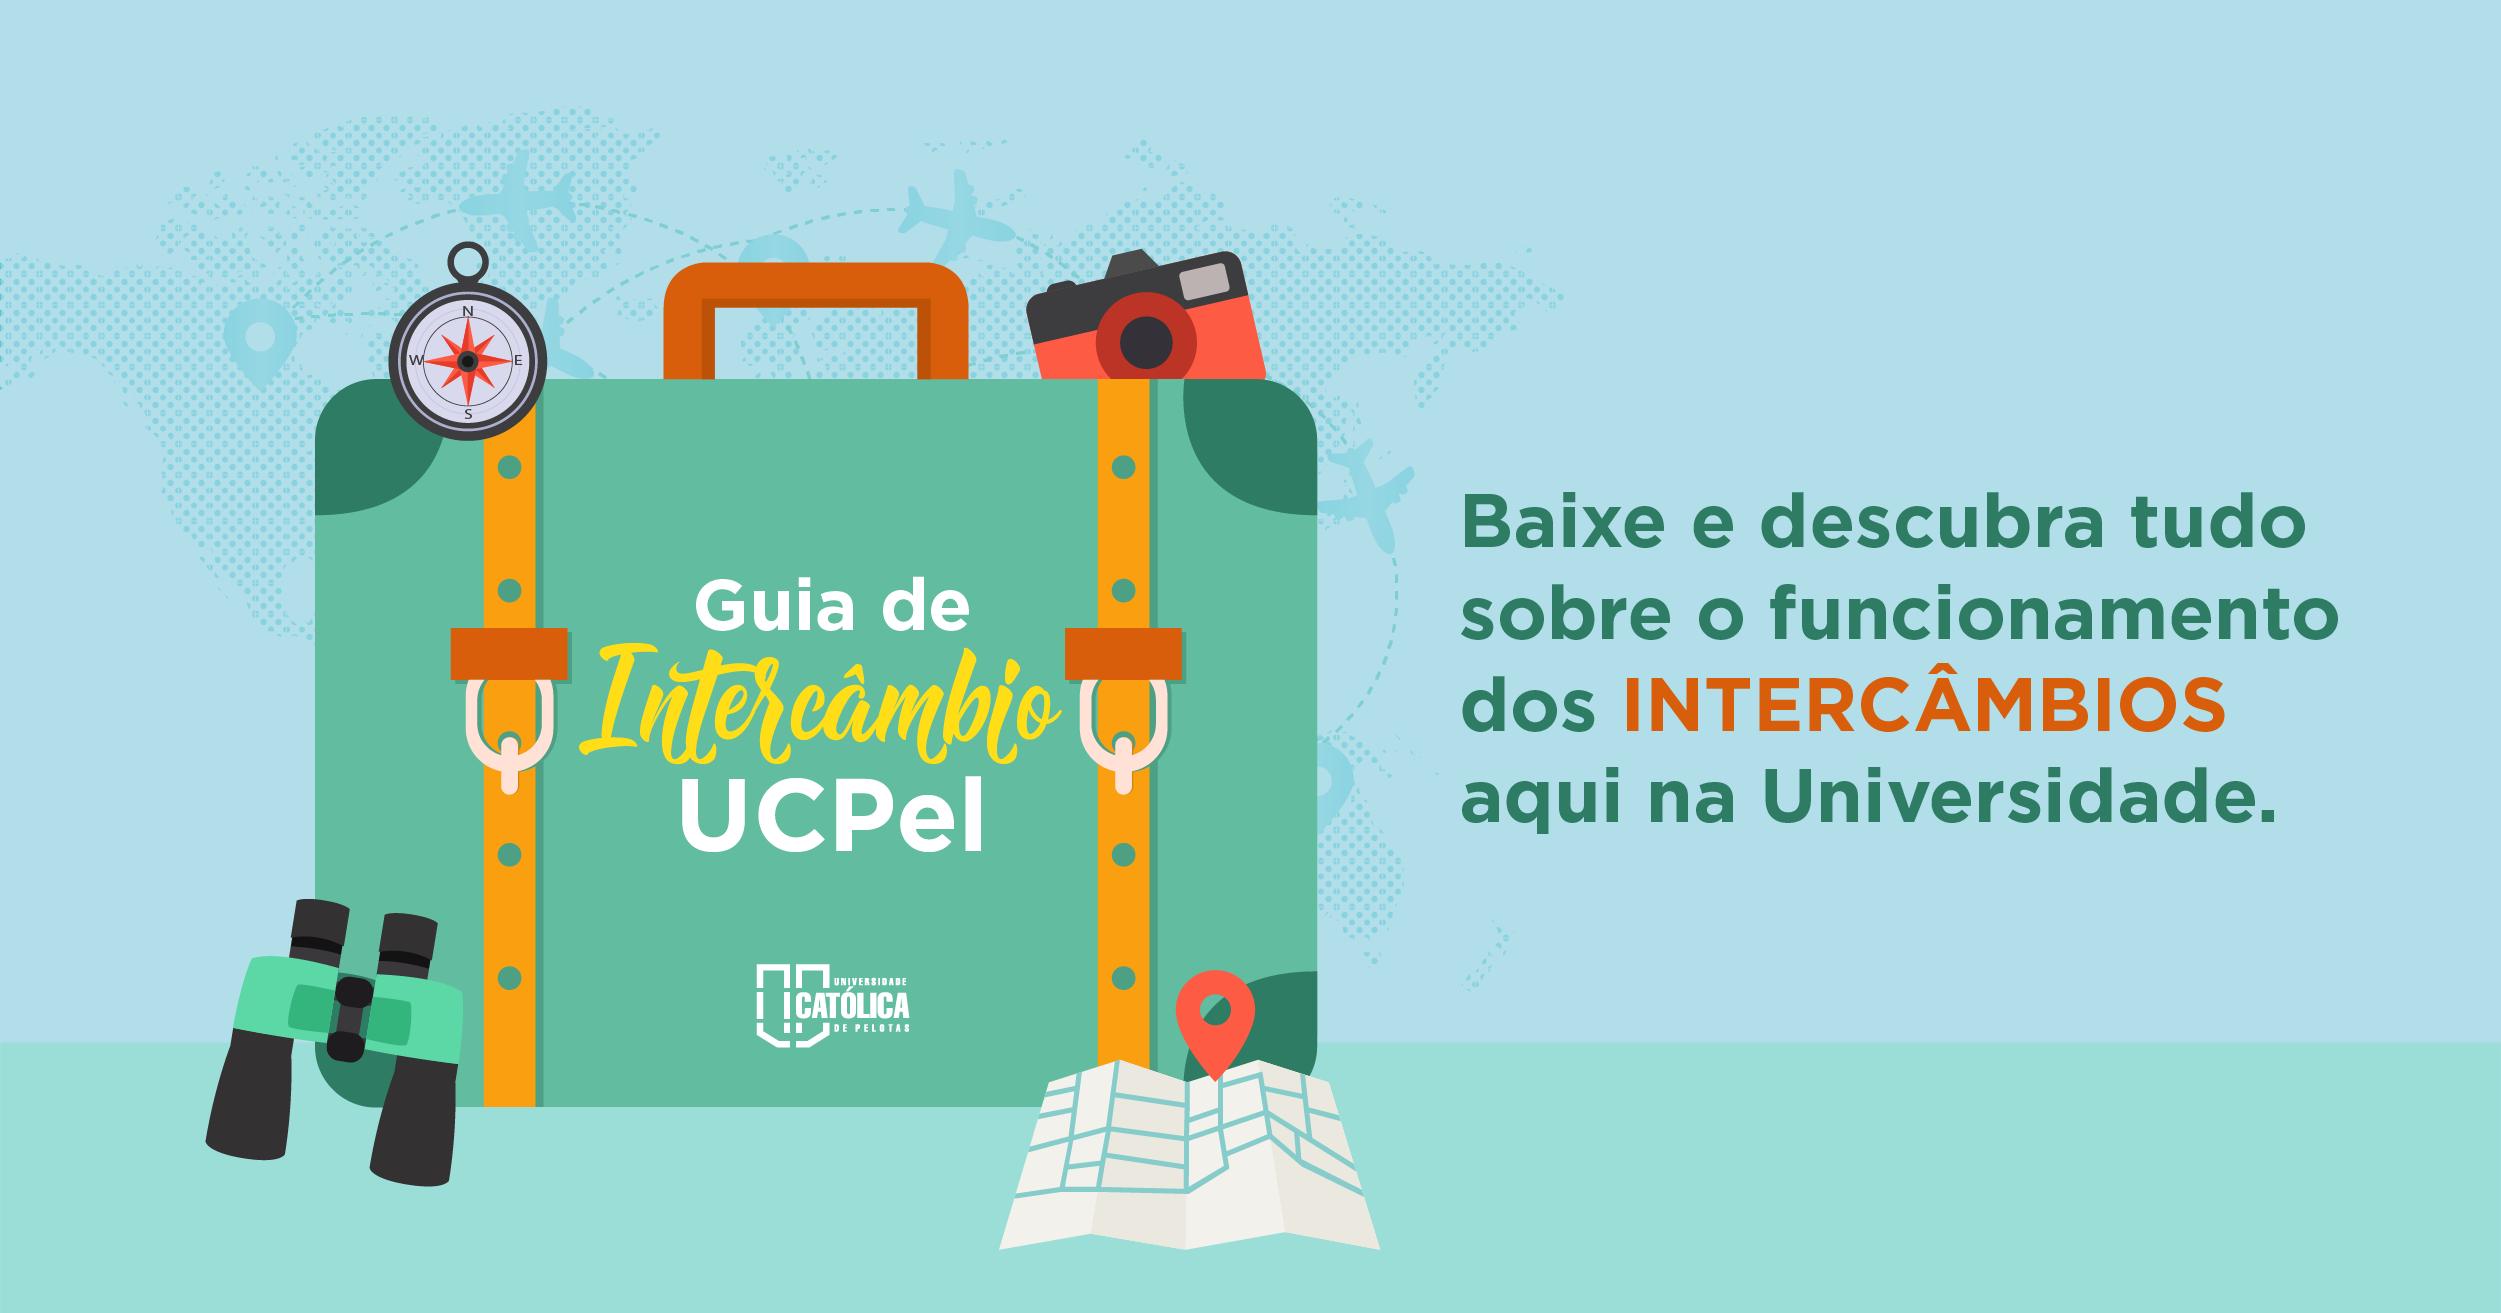 intercambio na faculdade, UCPel recebe intercambista da Alemanha